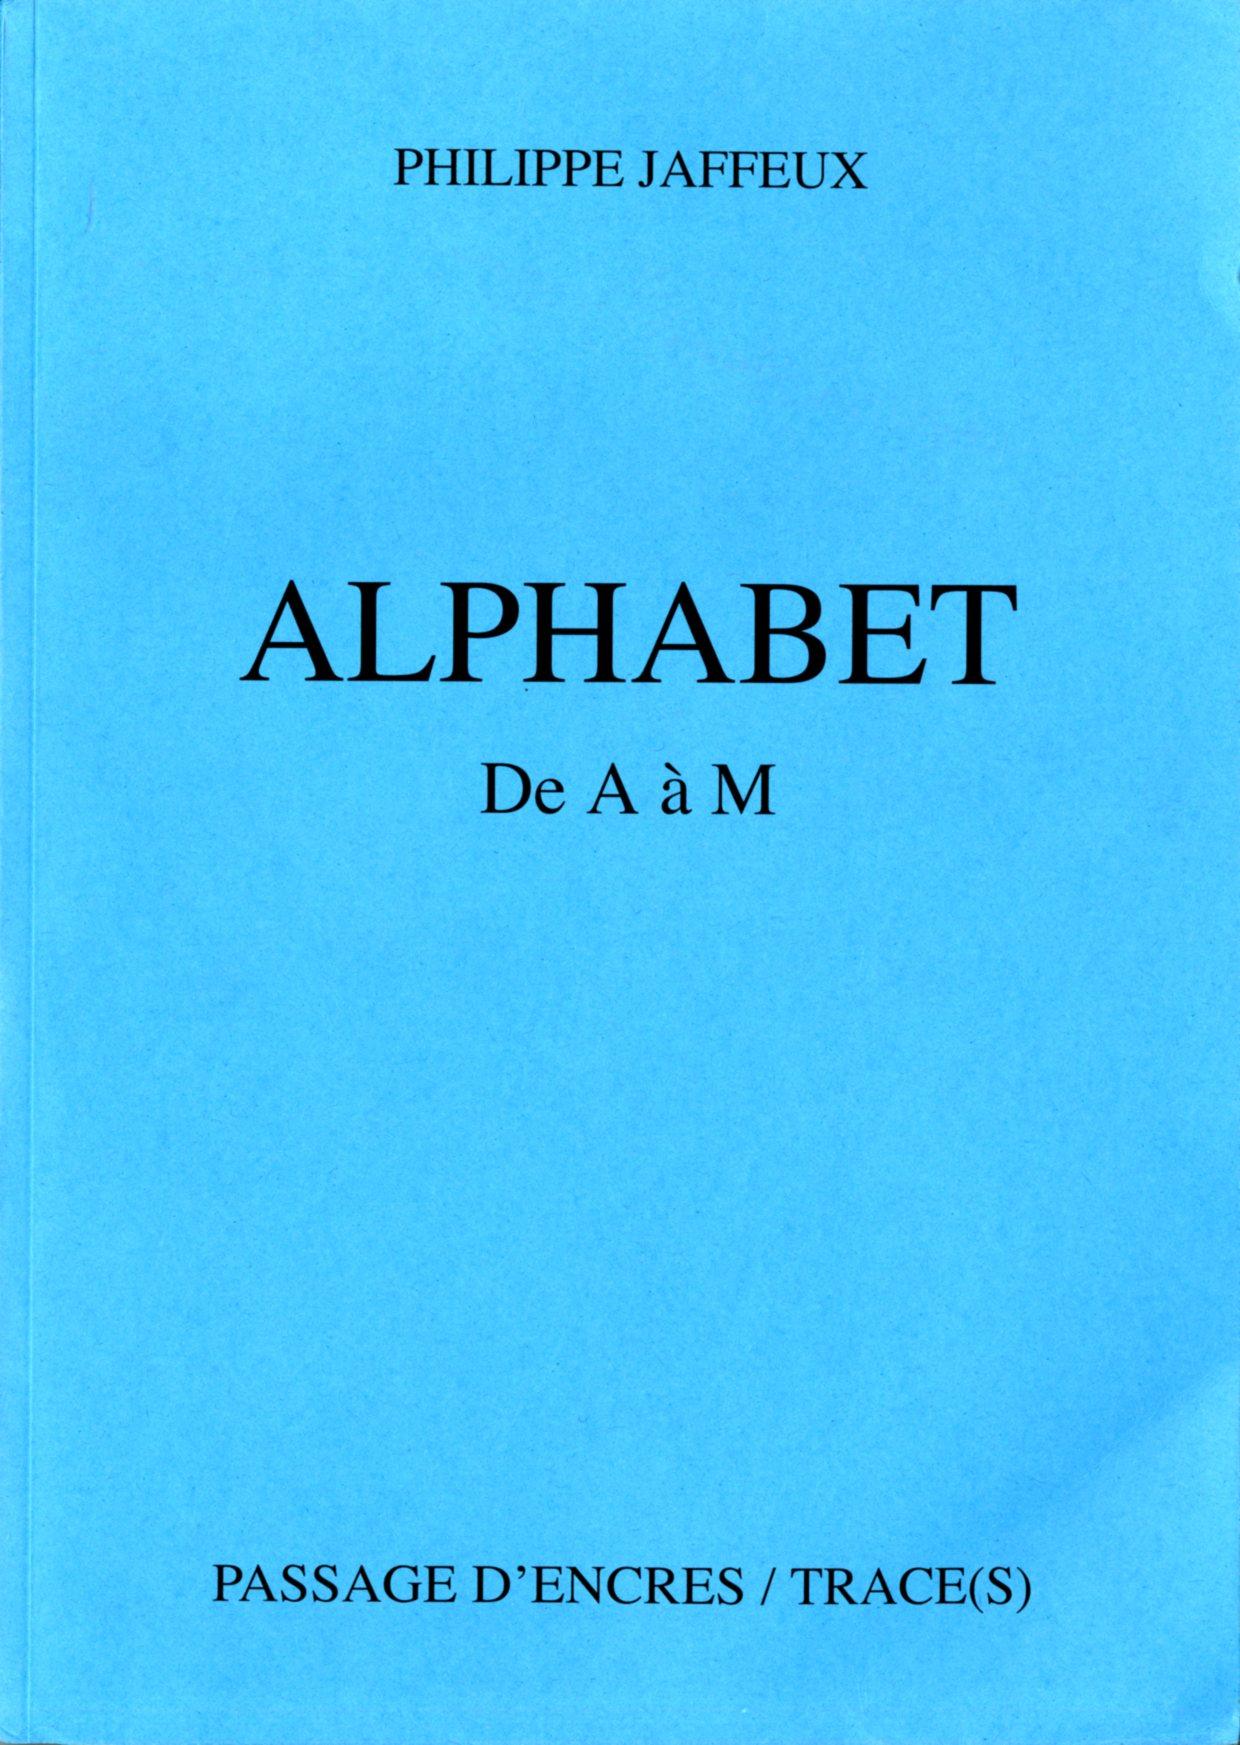 Philippe Jaffeux, Alphabet (de A à M), éditions PASSAGE D'ENCRES / TRACE(S), 2014, Moulin de Quilio - 56310 Guern. 394 p. 30 € + 6 € de frais d'envoi